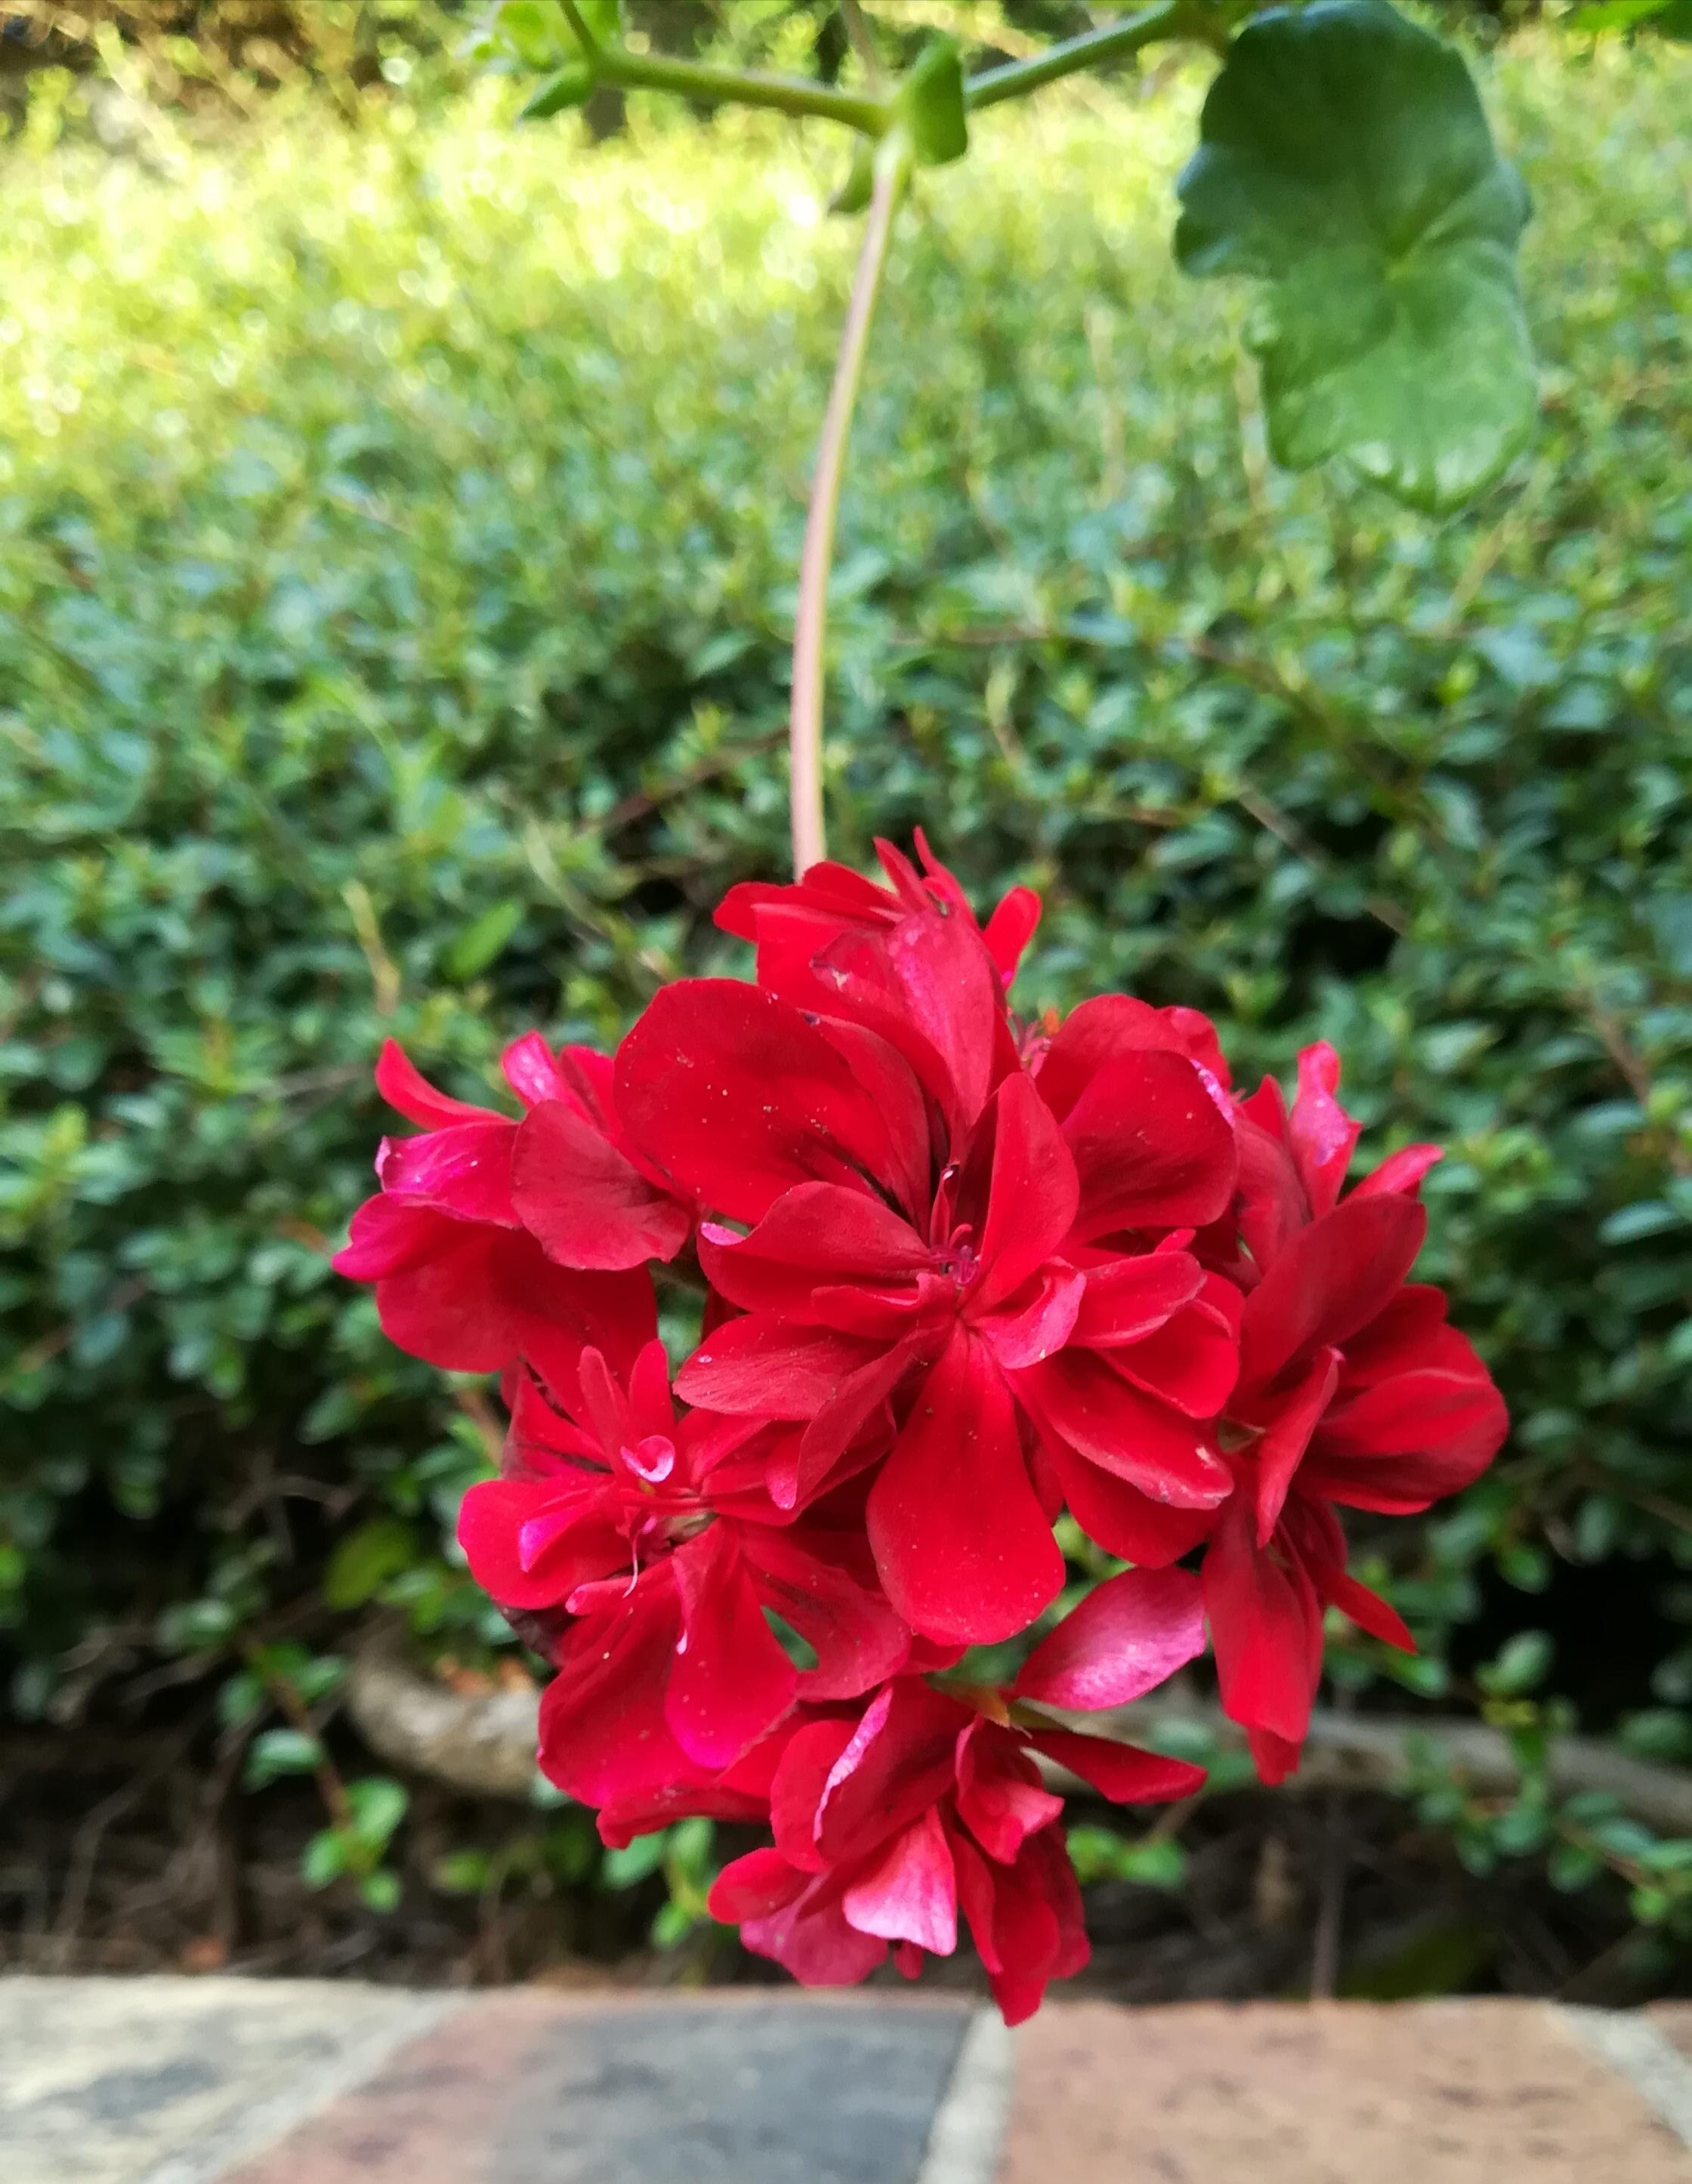 100x130-fleur-inspiration-rouge-LDM-Createur-fr